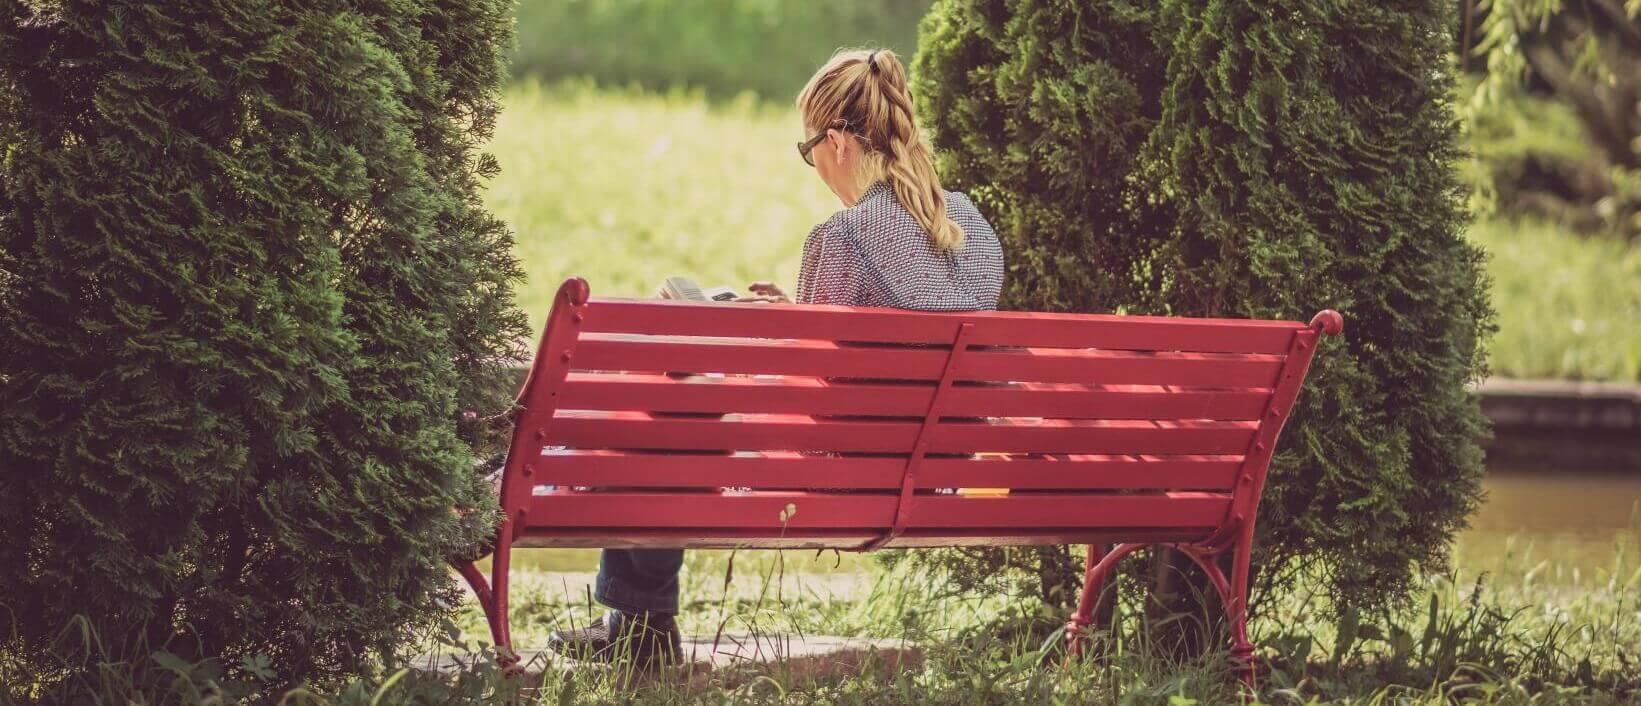 Das Typische Bild, das viele von Singles haben: Einsam und niedergeschlagen. Das ist natürlich Quatsch – das Singledasein hat nämlich einige Vorteile.